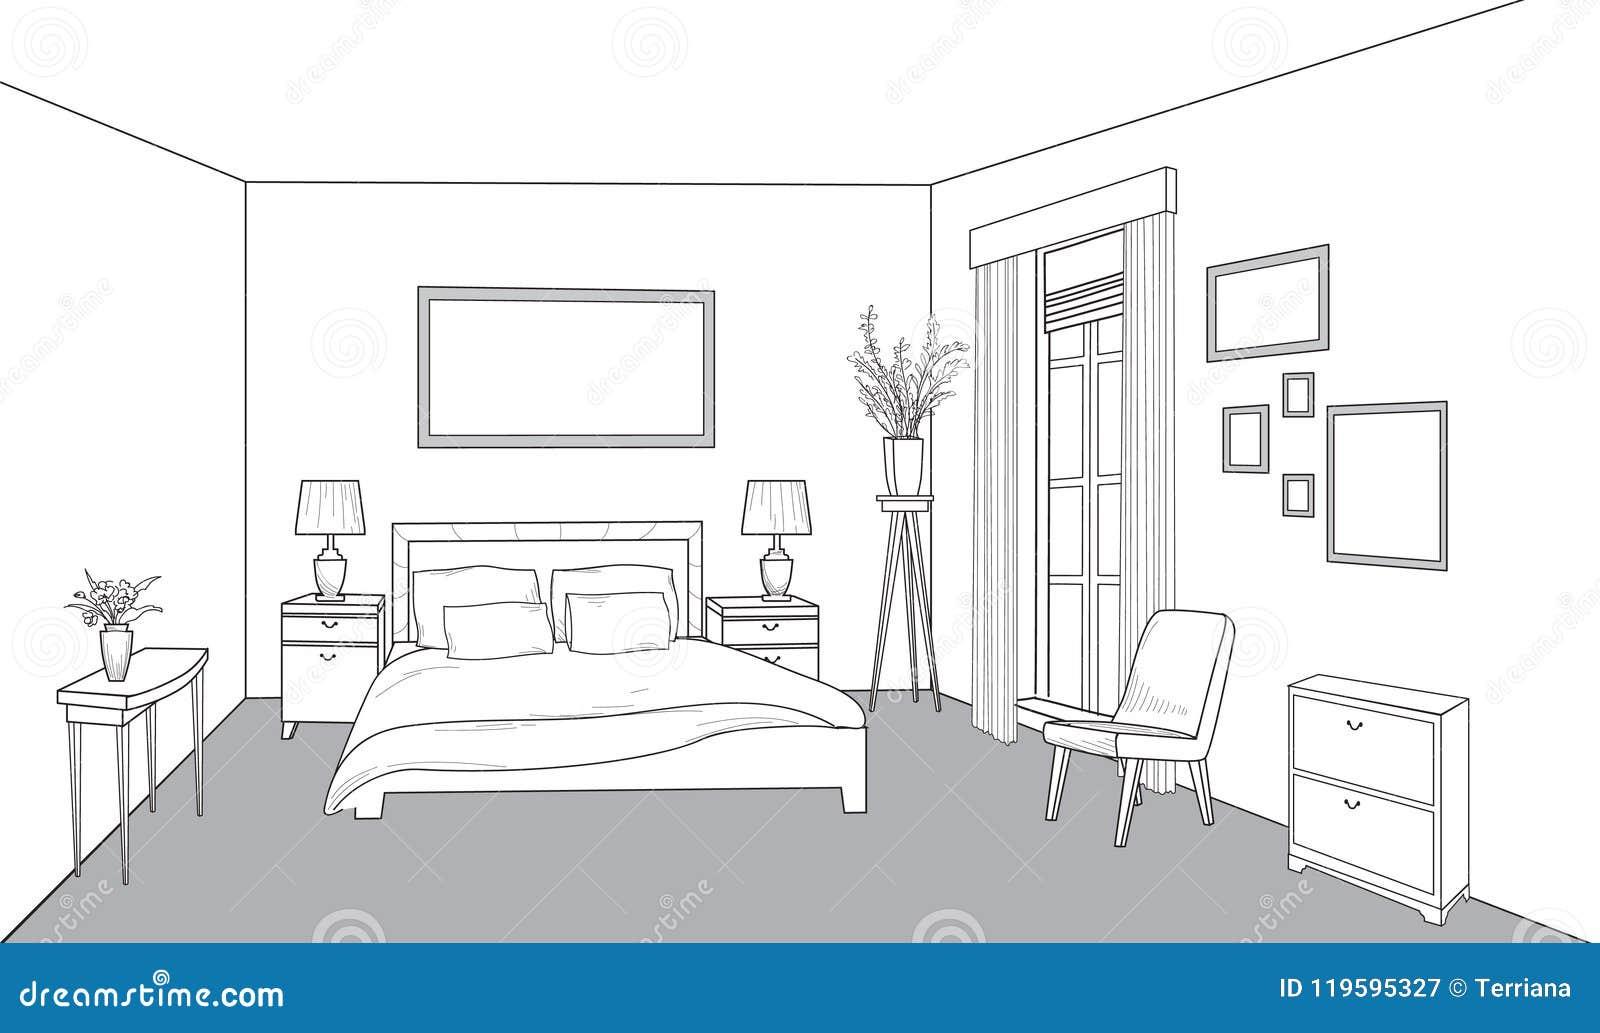 Bedroom Furniture Interior Outline Sketch Vintage Style Bed Room